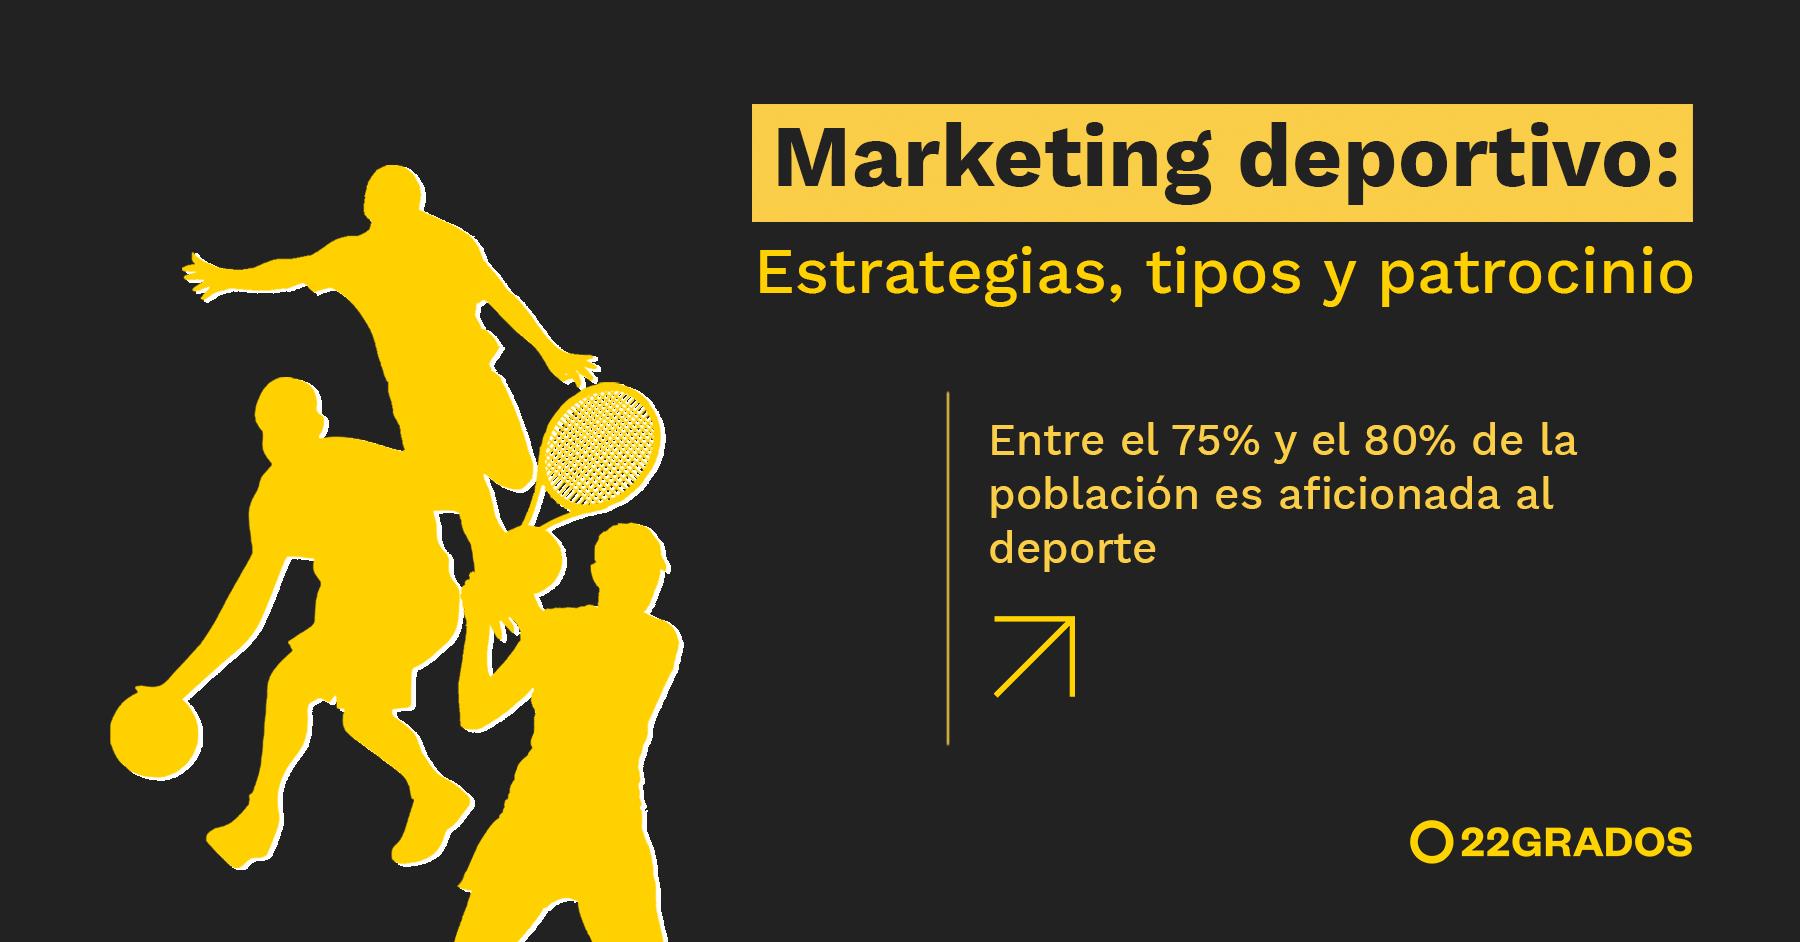 Marketing deportivo: Estrategias, tipos y patrocinio